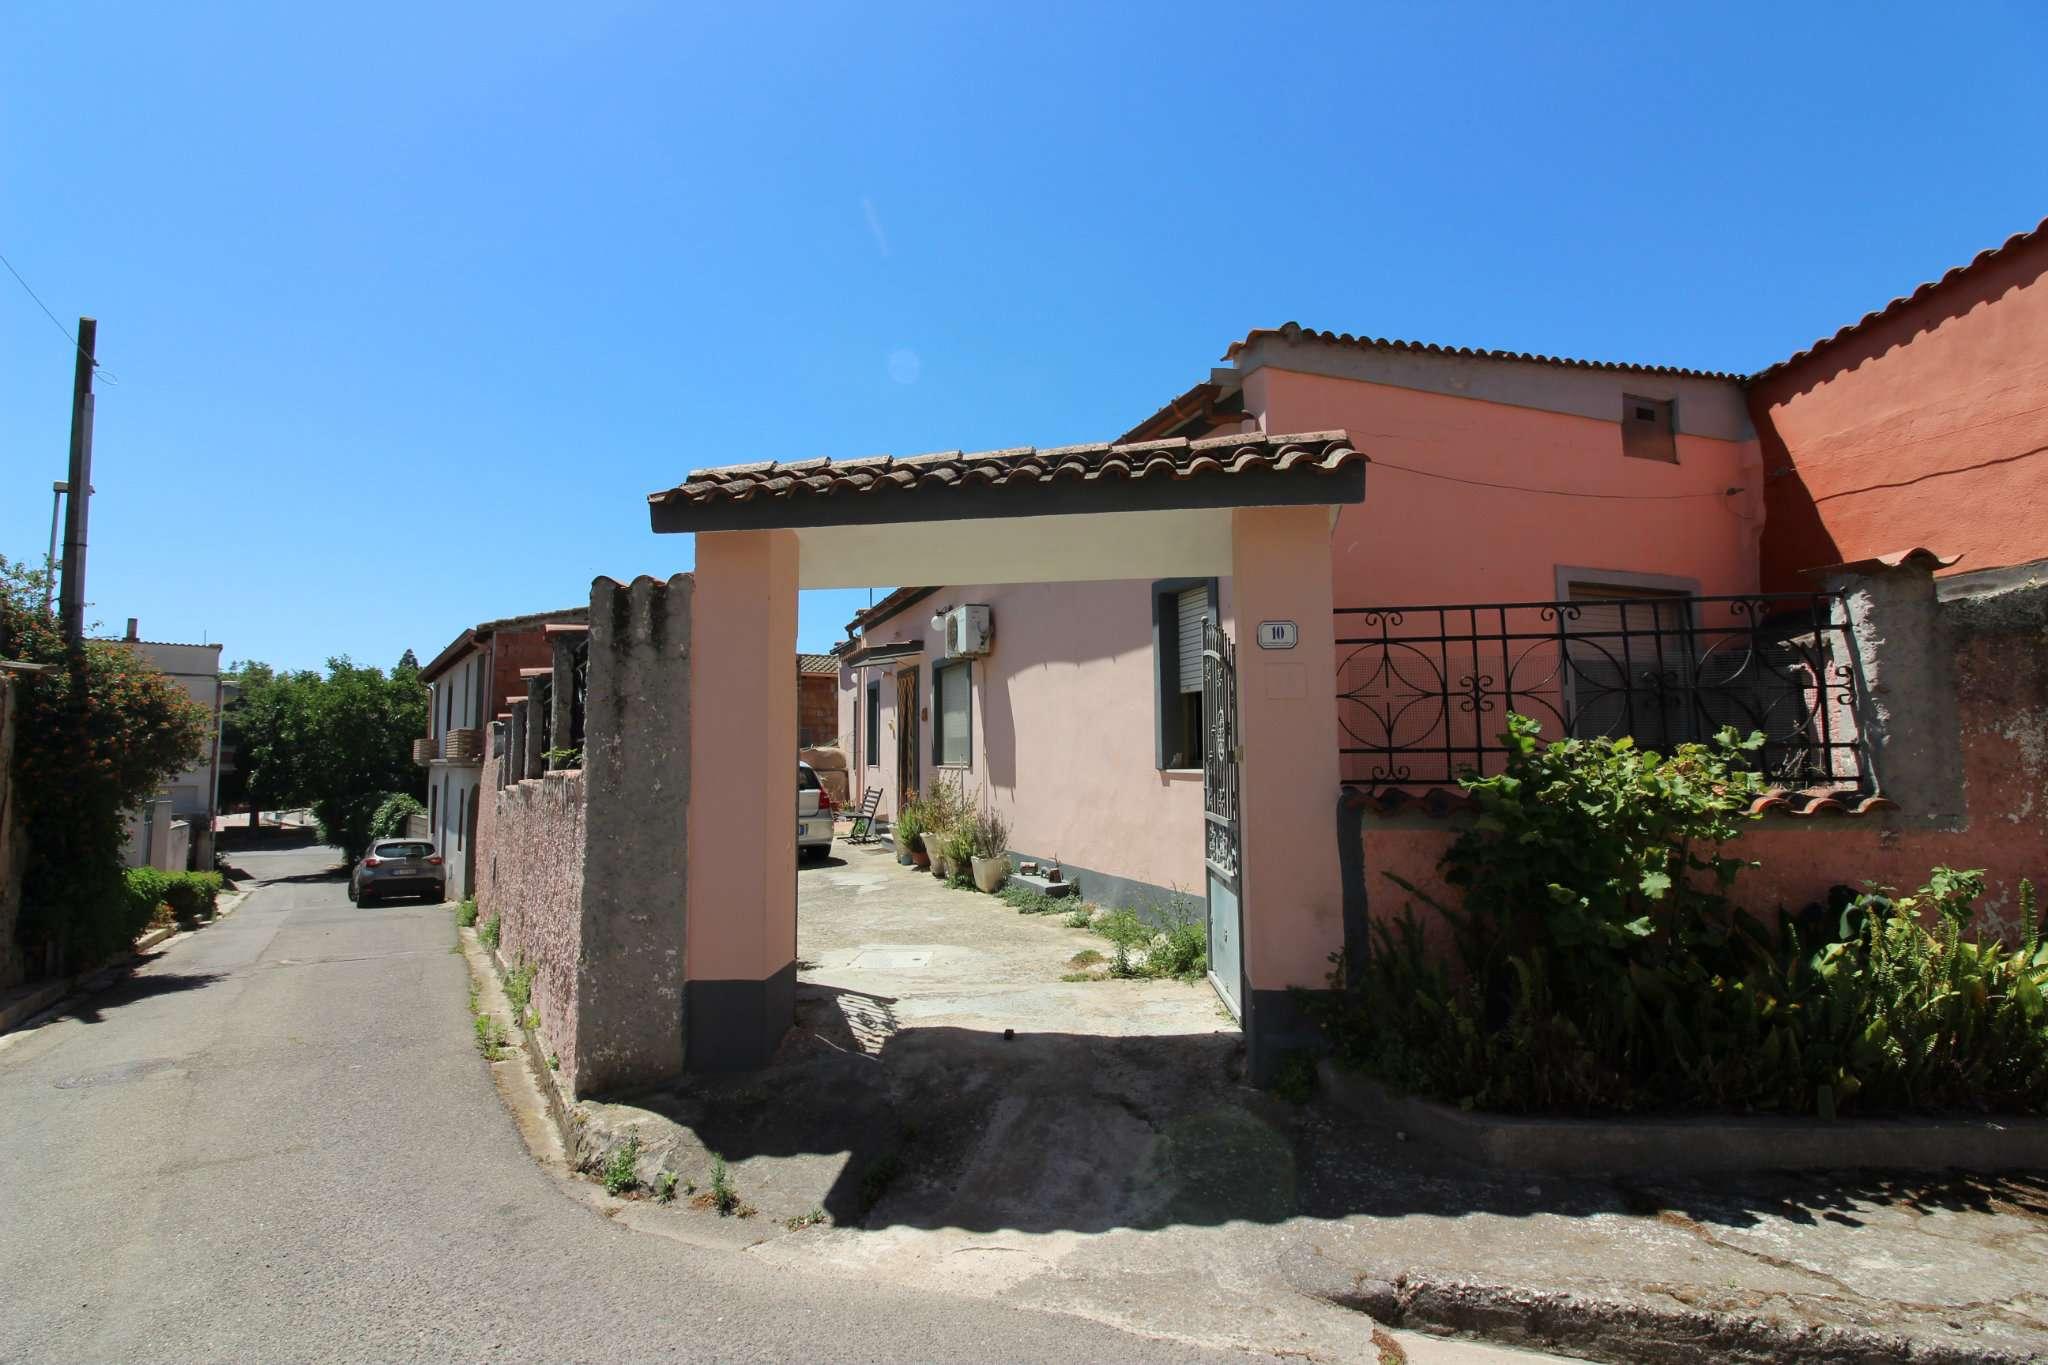 Soluzione Indipendente in vendita a Ussana, 4 locali, prezzo € 85.000 | CambioCasa.it